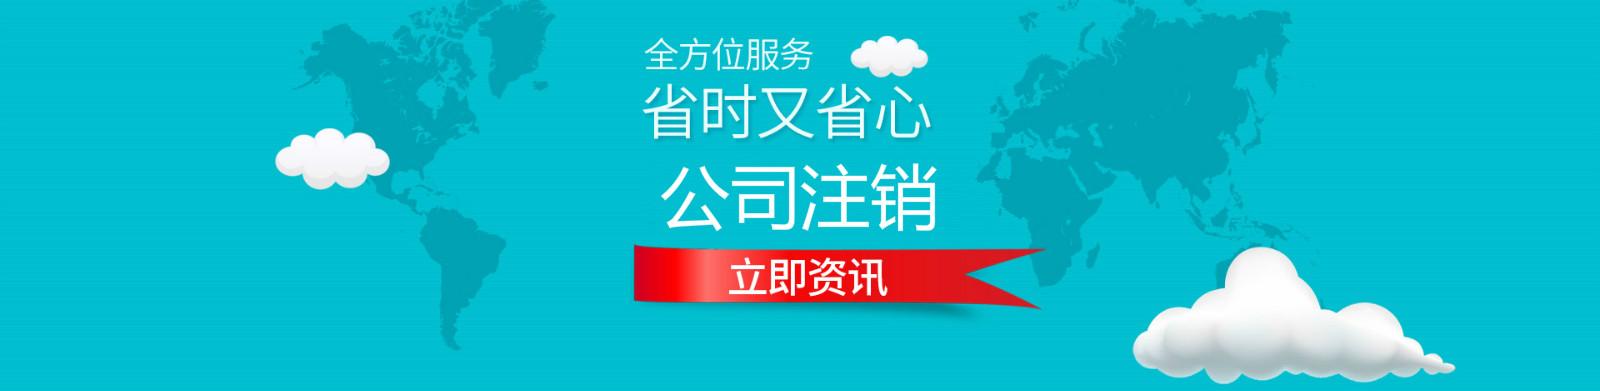 【武清公司注册注销记账报税税务注销品质服务】